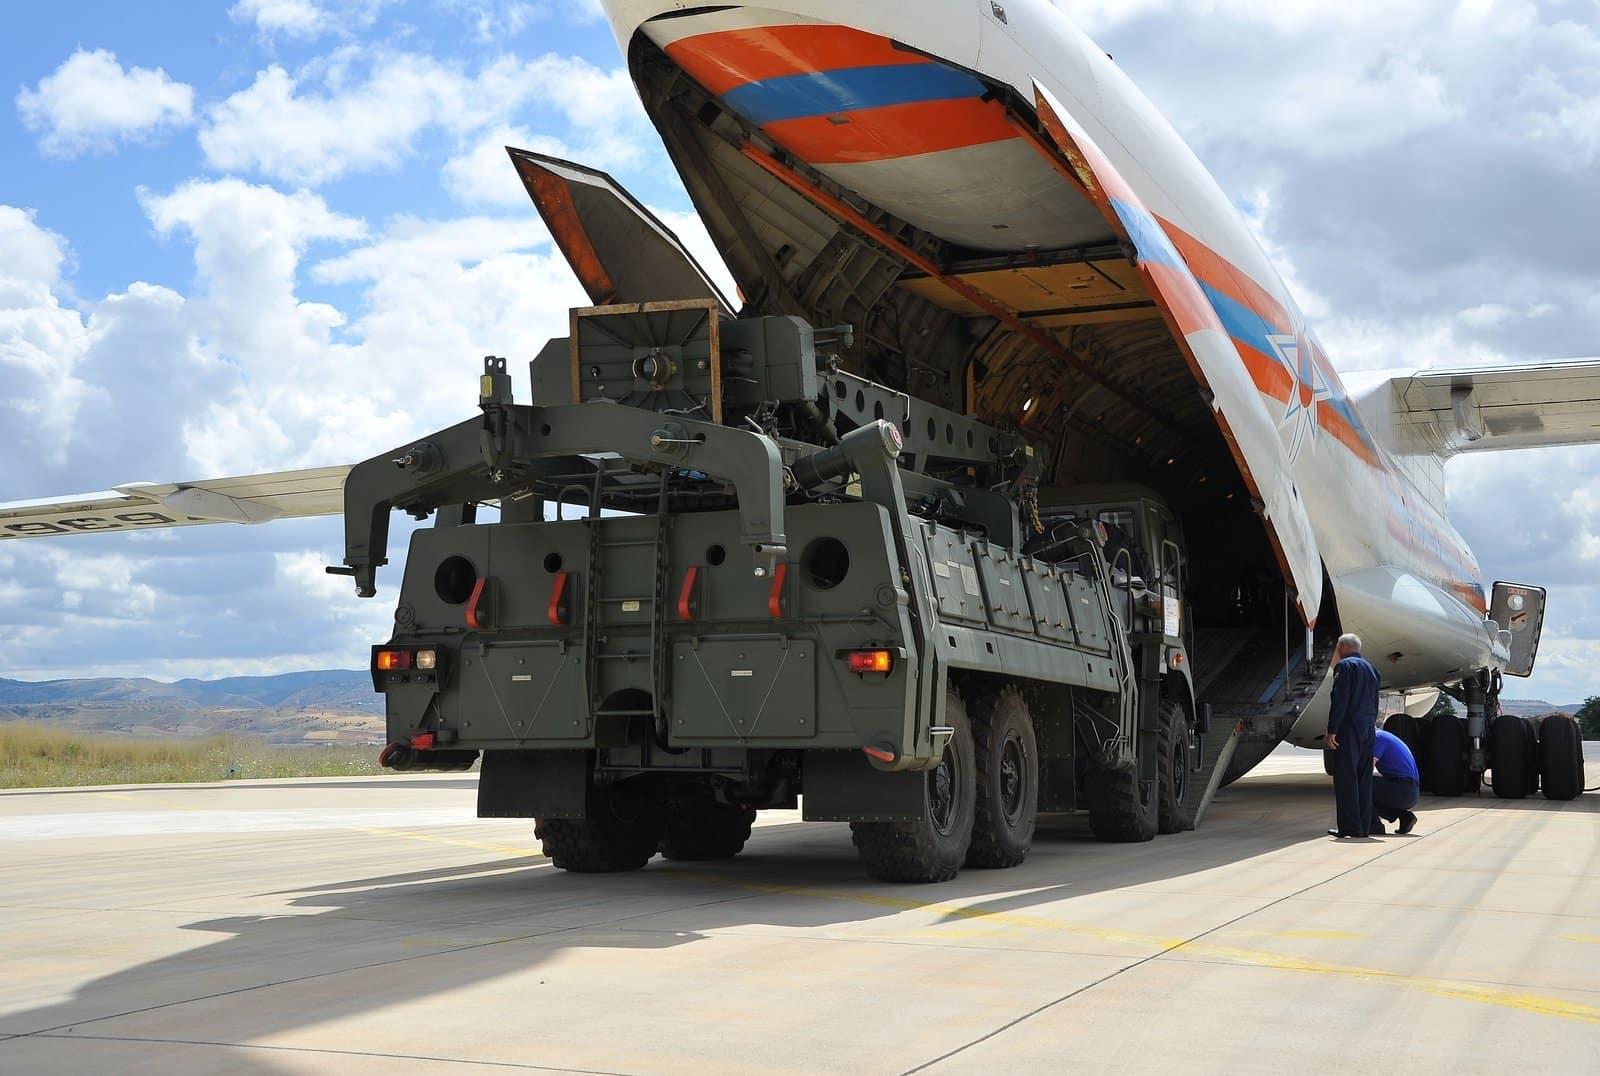 ΗΠΑ Τουρκία - Ρωσία: Έρχεται δεύτερη παρτίδα s-400 Τουρκία: Δοκιμή των S-400 στην επαρχία της Άγκυρας Τουρκικά S-400: Πλεονεκτήματα και μειονεκτήματα ΑΝΑΛΥΣΗ